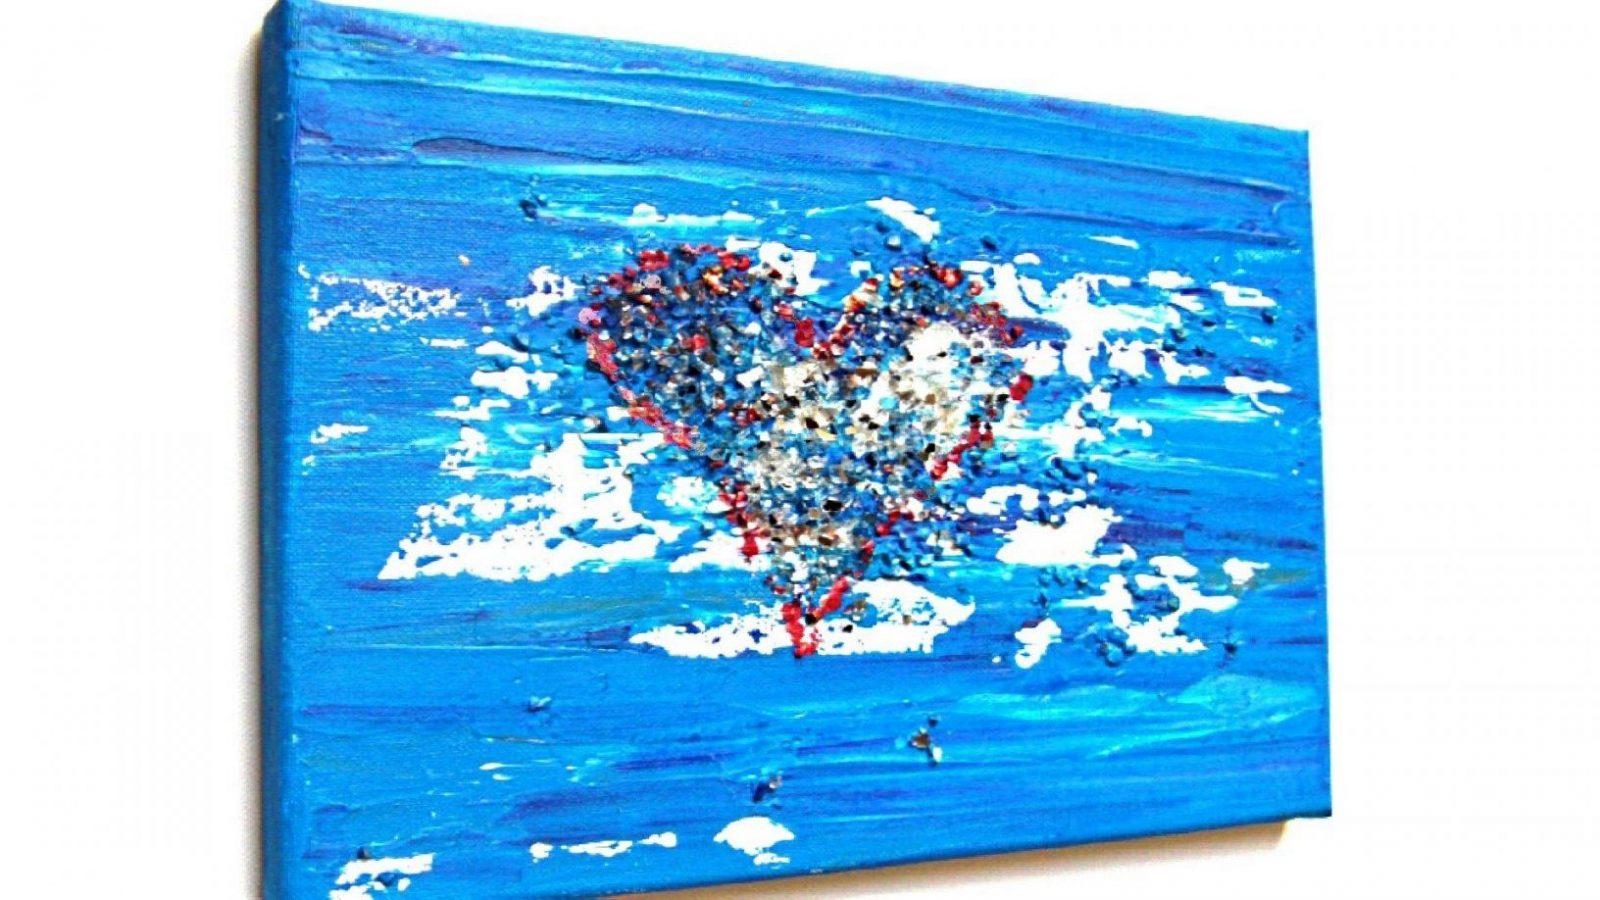 Herz Acryl Malen Für Anfänger (Heart Acrylic Painting For von Acrylbilder Vorlagen Für Anfänger Bild